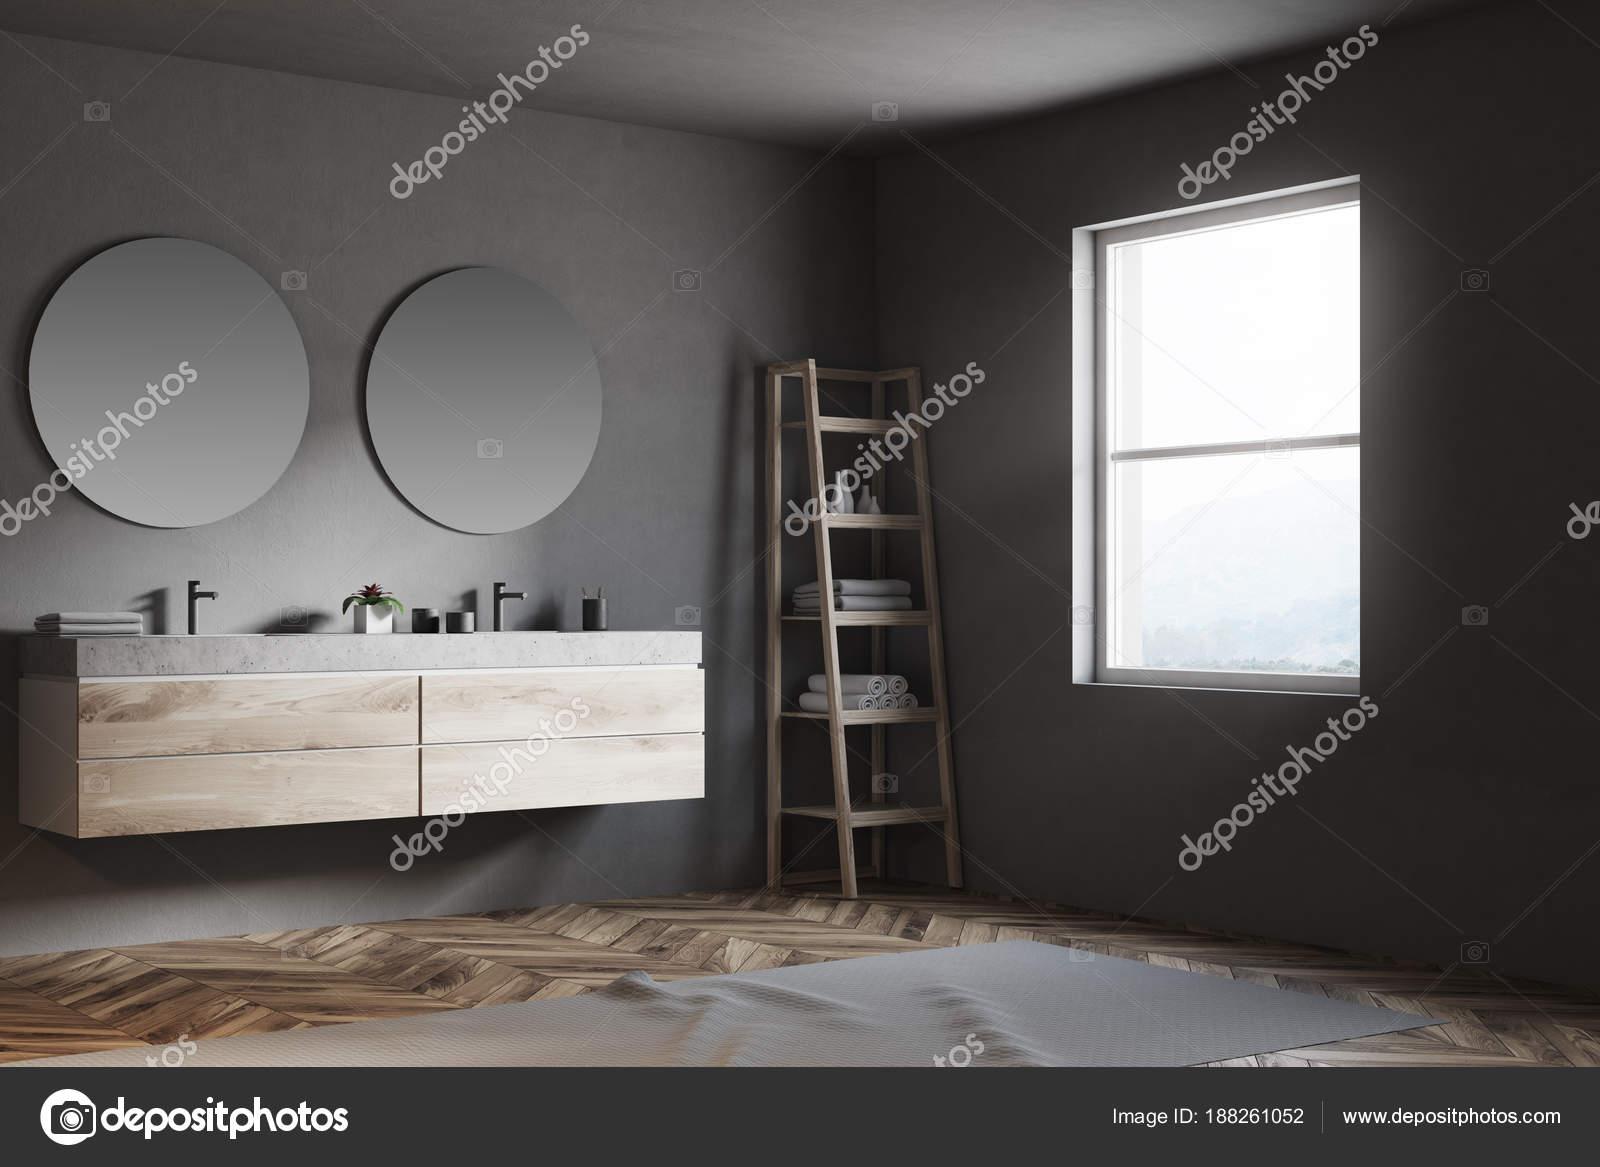 Ronde Spiegel Badkamer : Hoek van een ronde spiegels badkamer u stockfoto denisismagilov